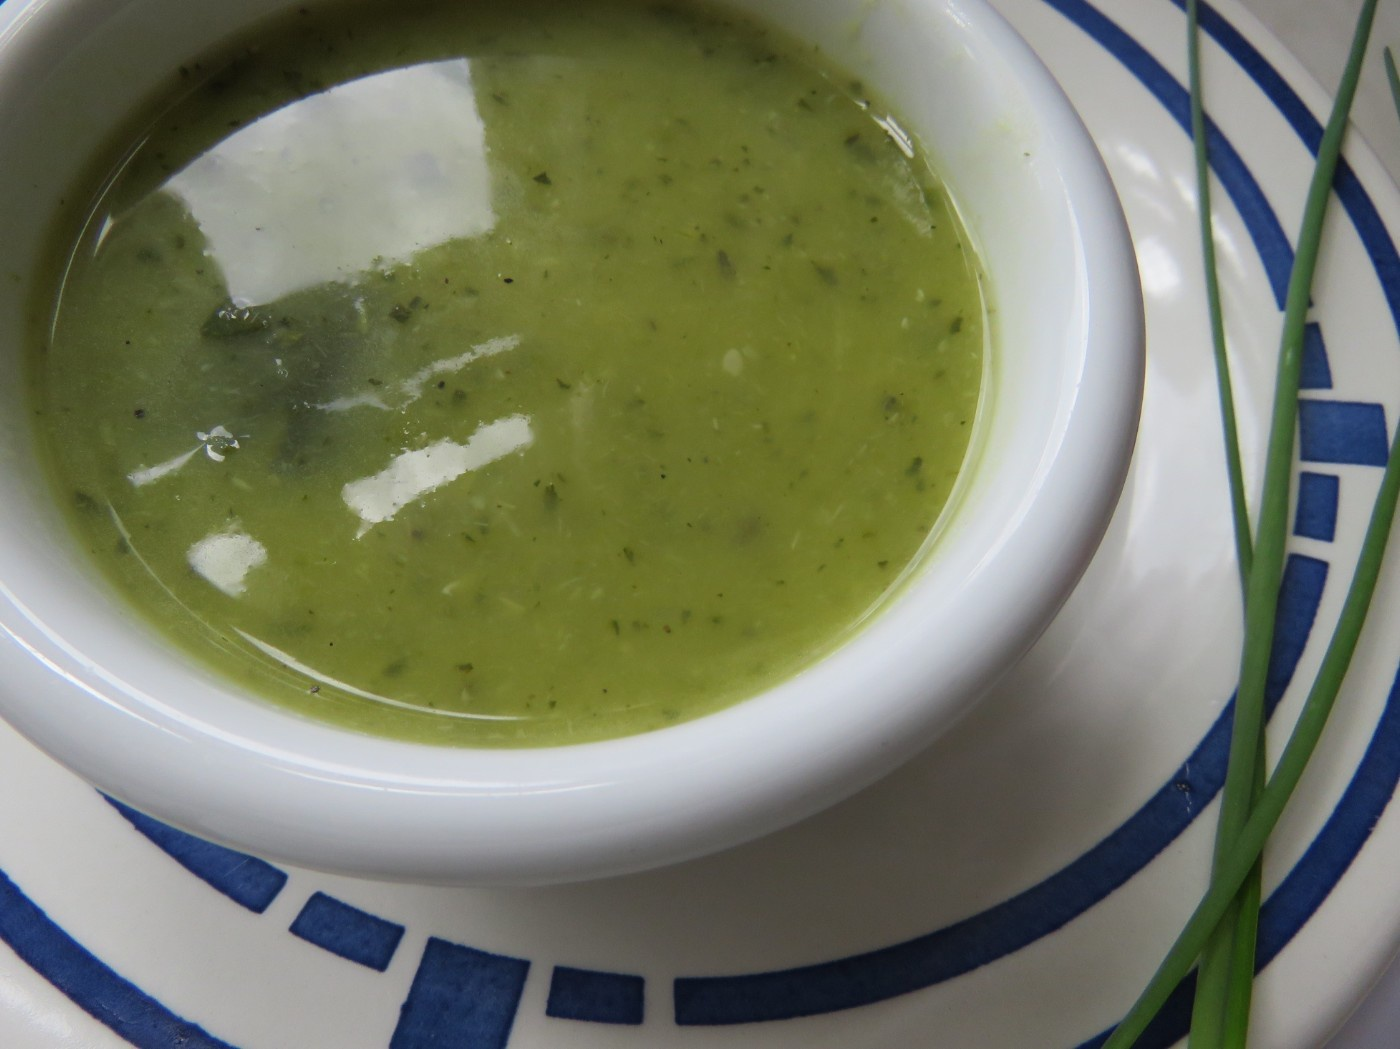 Zucchinicremesuppe in Schüsserl